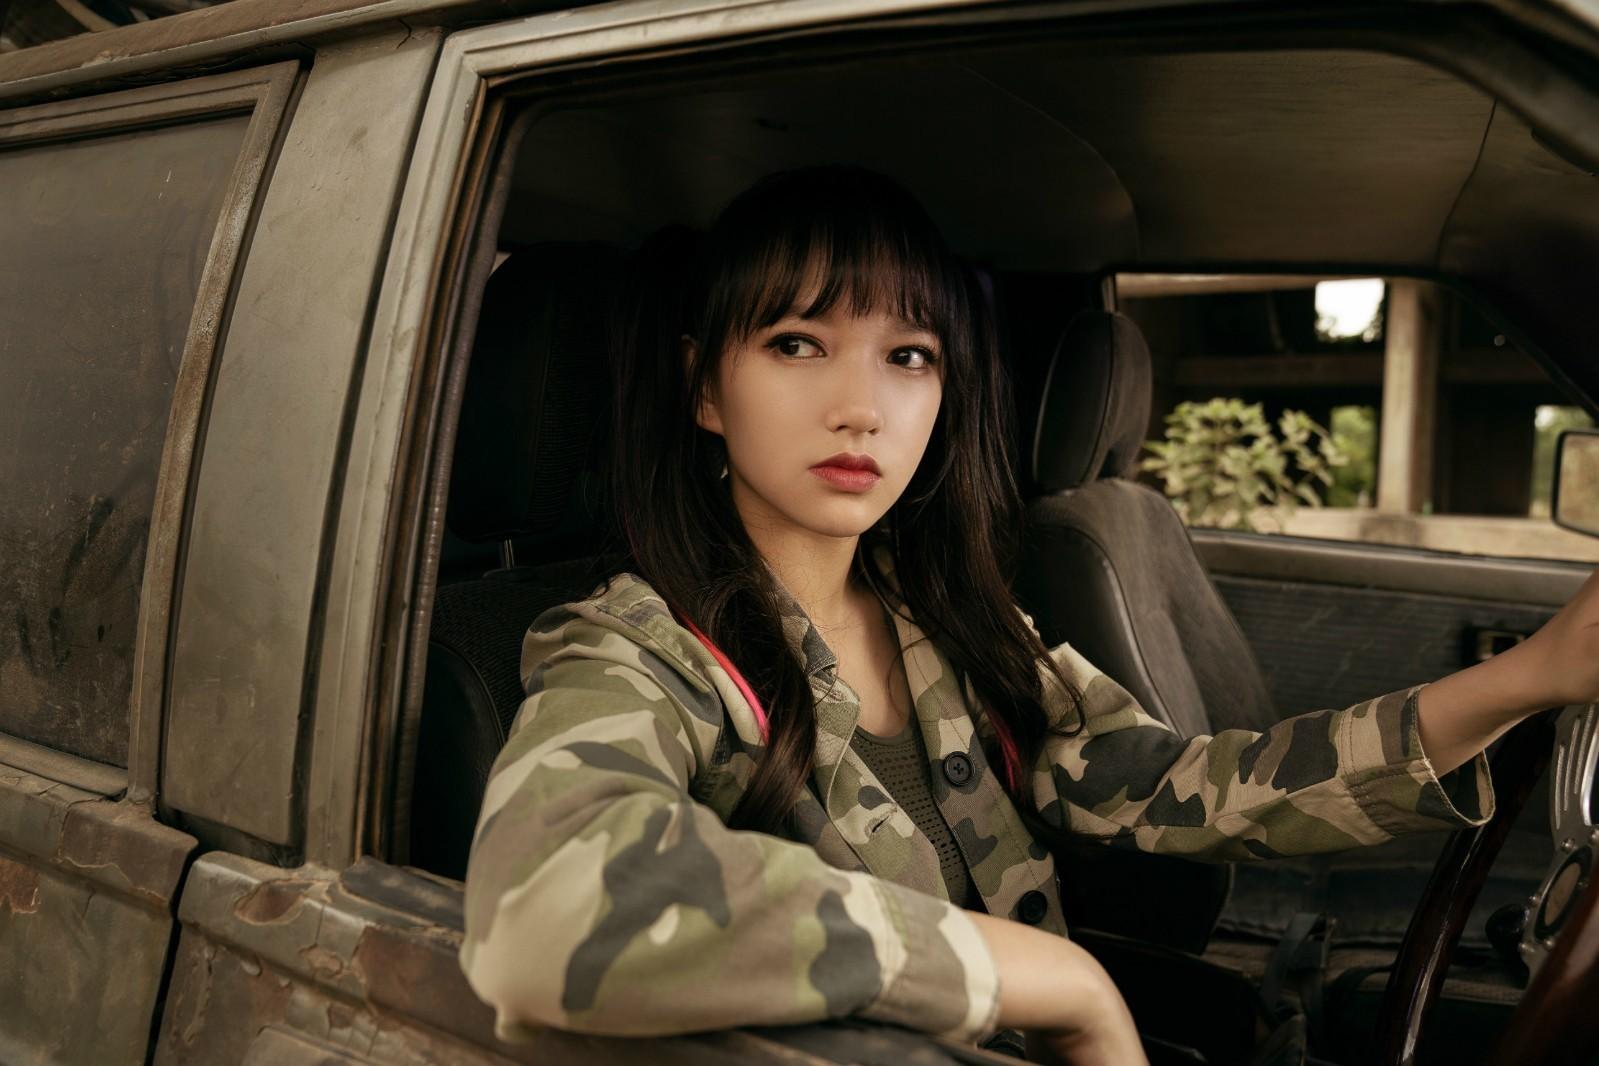 程潇新作《唐人街探案》解锁演员身份 表演亮眼展超强可塑性